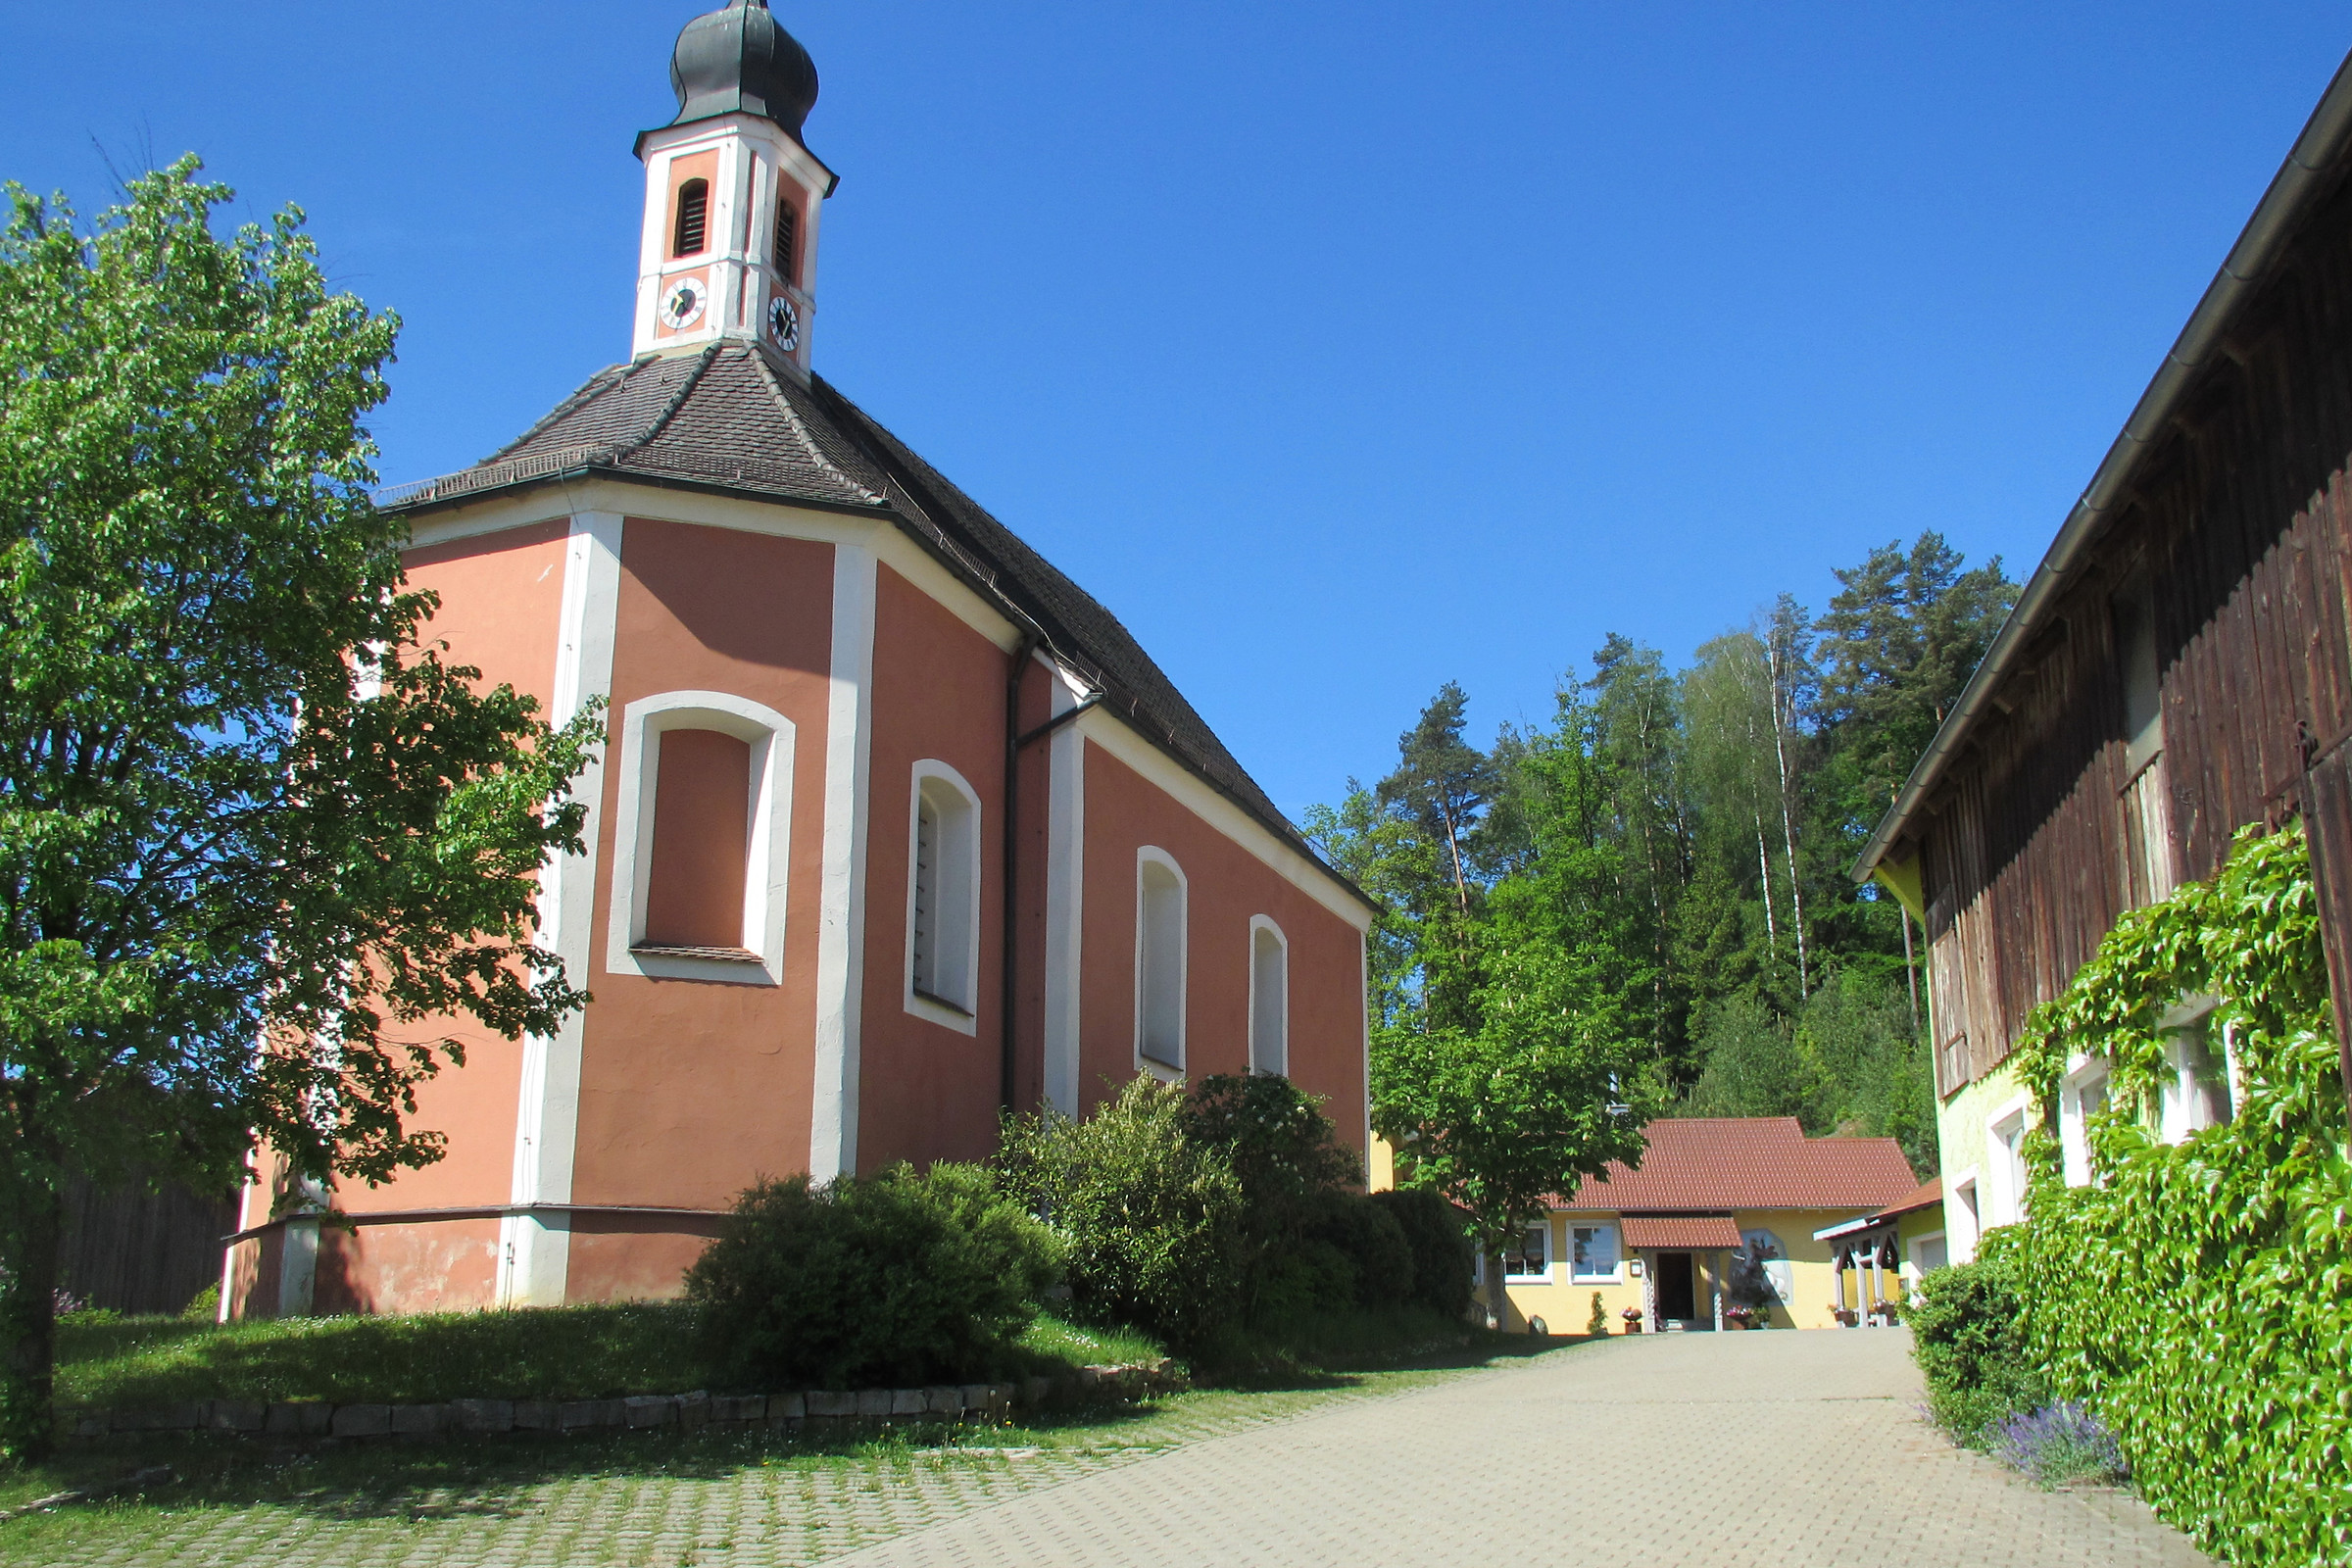 Gasthaus Kienlein Roßthal